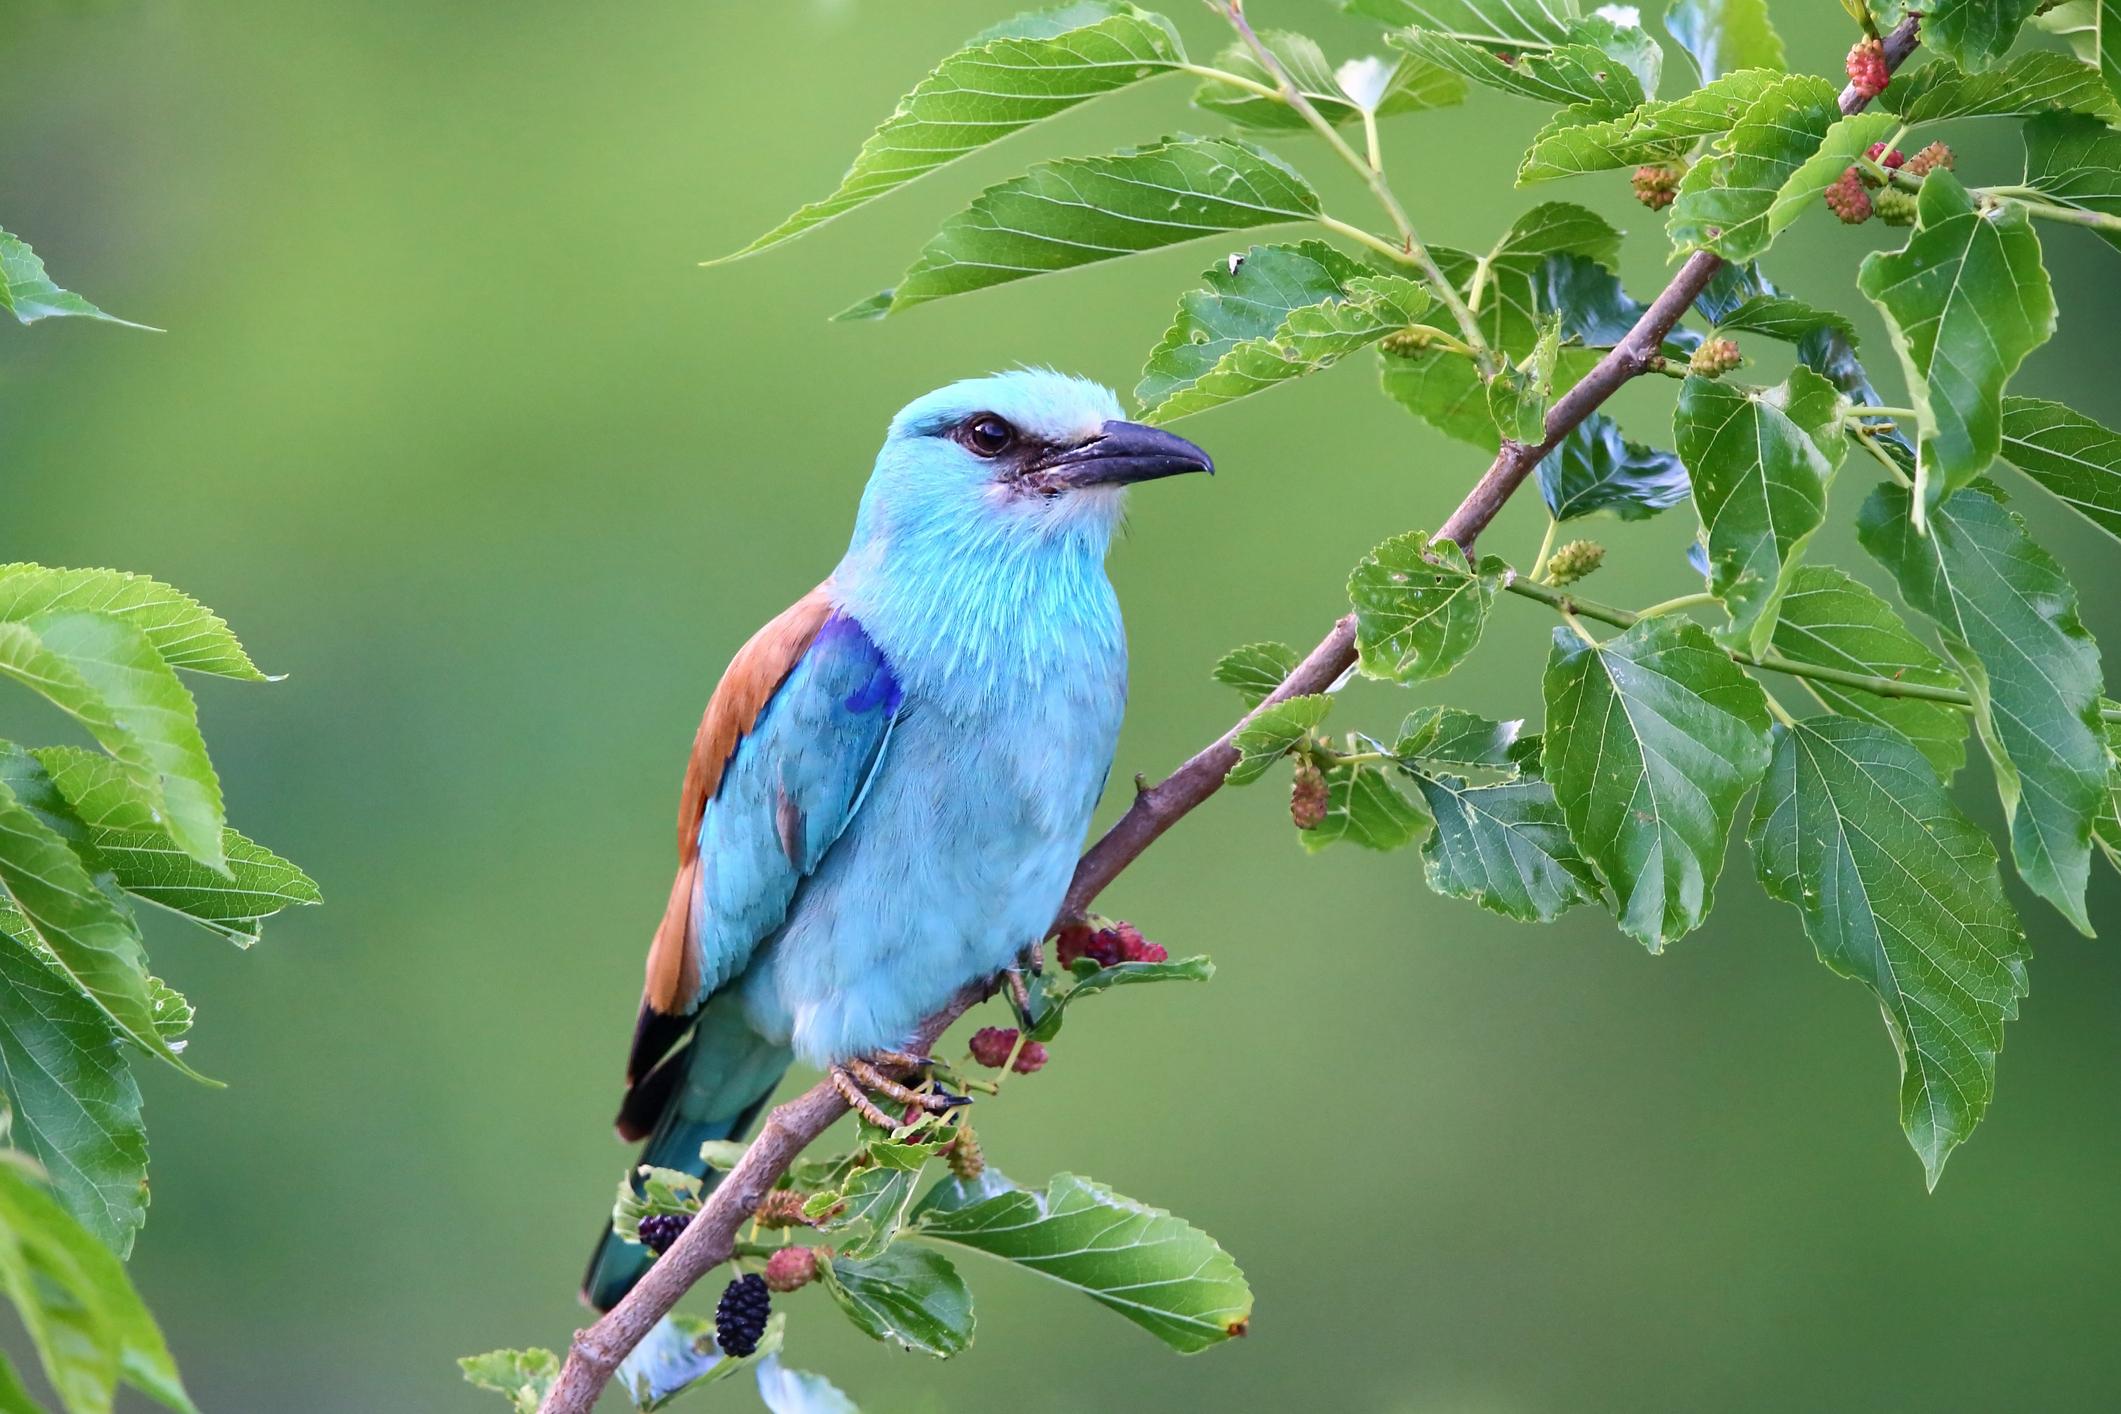 Hogy hívják ezt a szép kék madarat, amely az Alföldön fordul elő, és fokozottan védett?